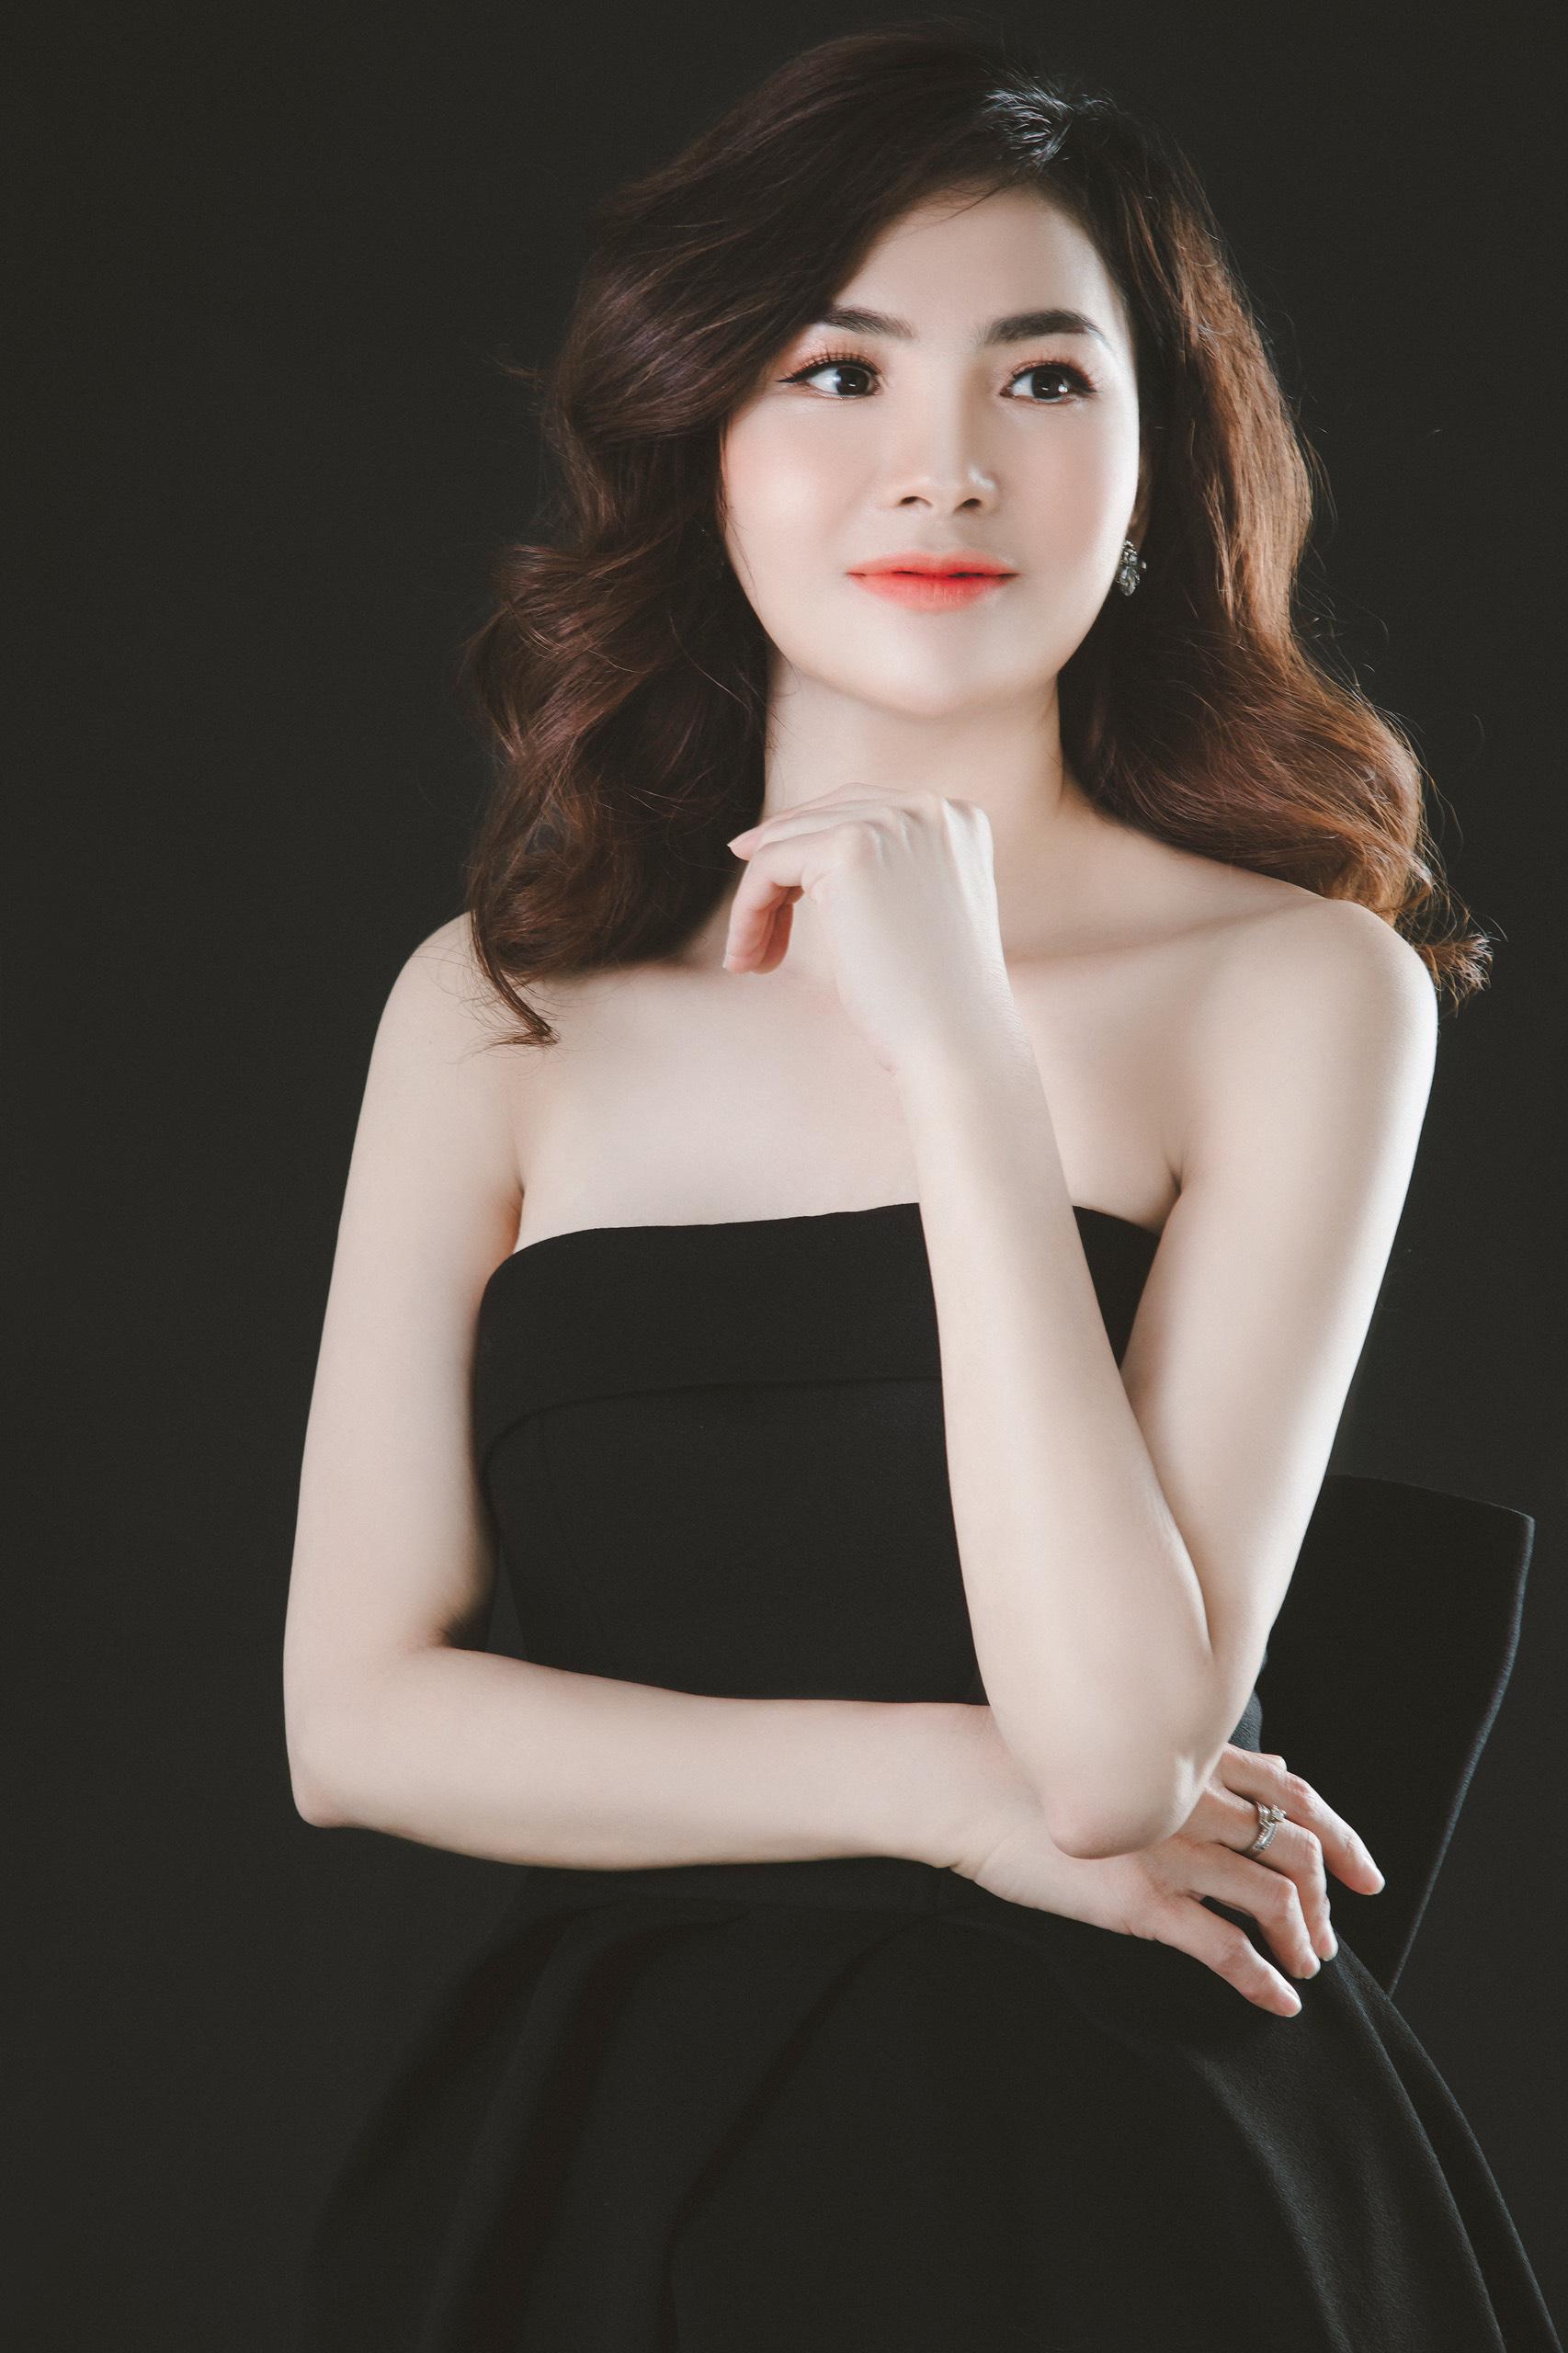 Chân dung nữ doanh nhân Trương Mỹ Duyên và con đường khởi nghiệp từ hai bàn tay trắng - Ảnh 1.